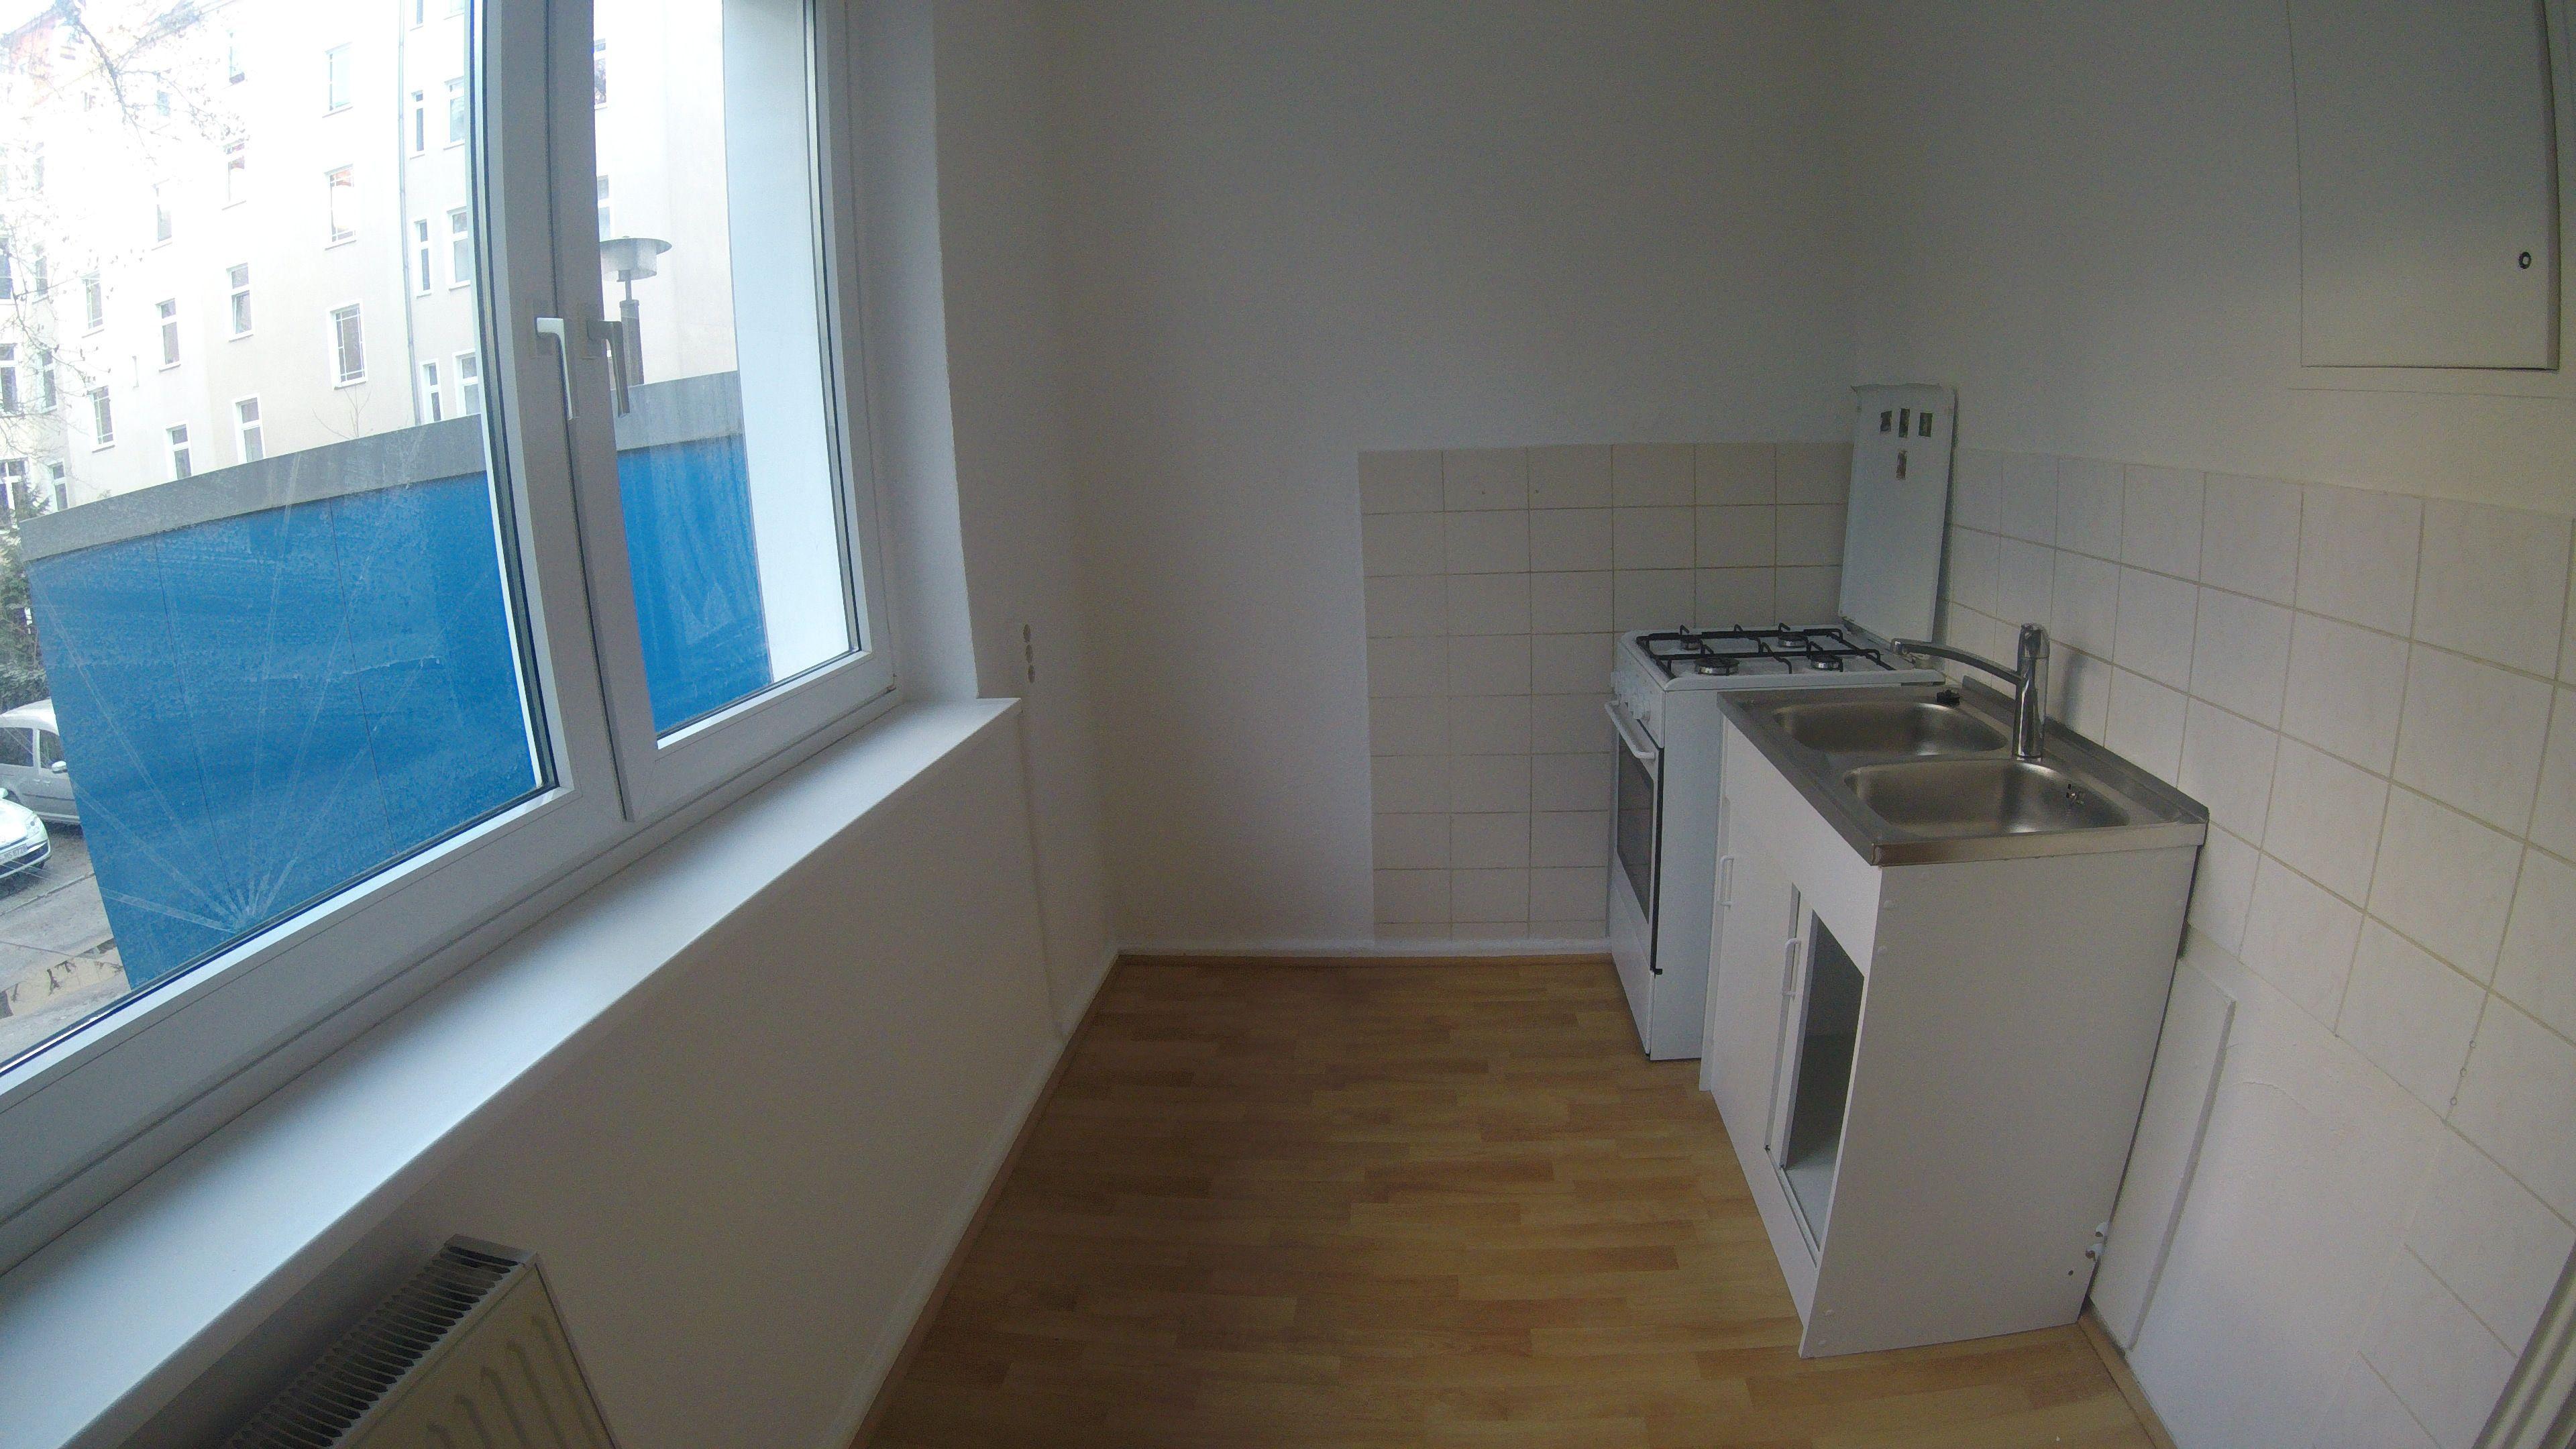 Berlin Friedrichshain Sanierte Wohnung Mit 2 Zimmern Und Wannenbad Ruhiges Schlafzimmer W In 2020 Wohnzimmer Berlin Ruhiges Schlafzimmer Grosses Wohnzimmer